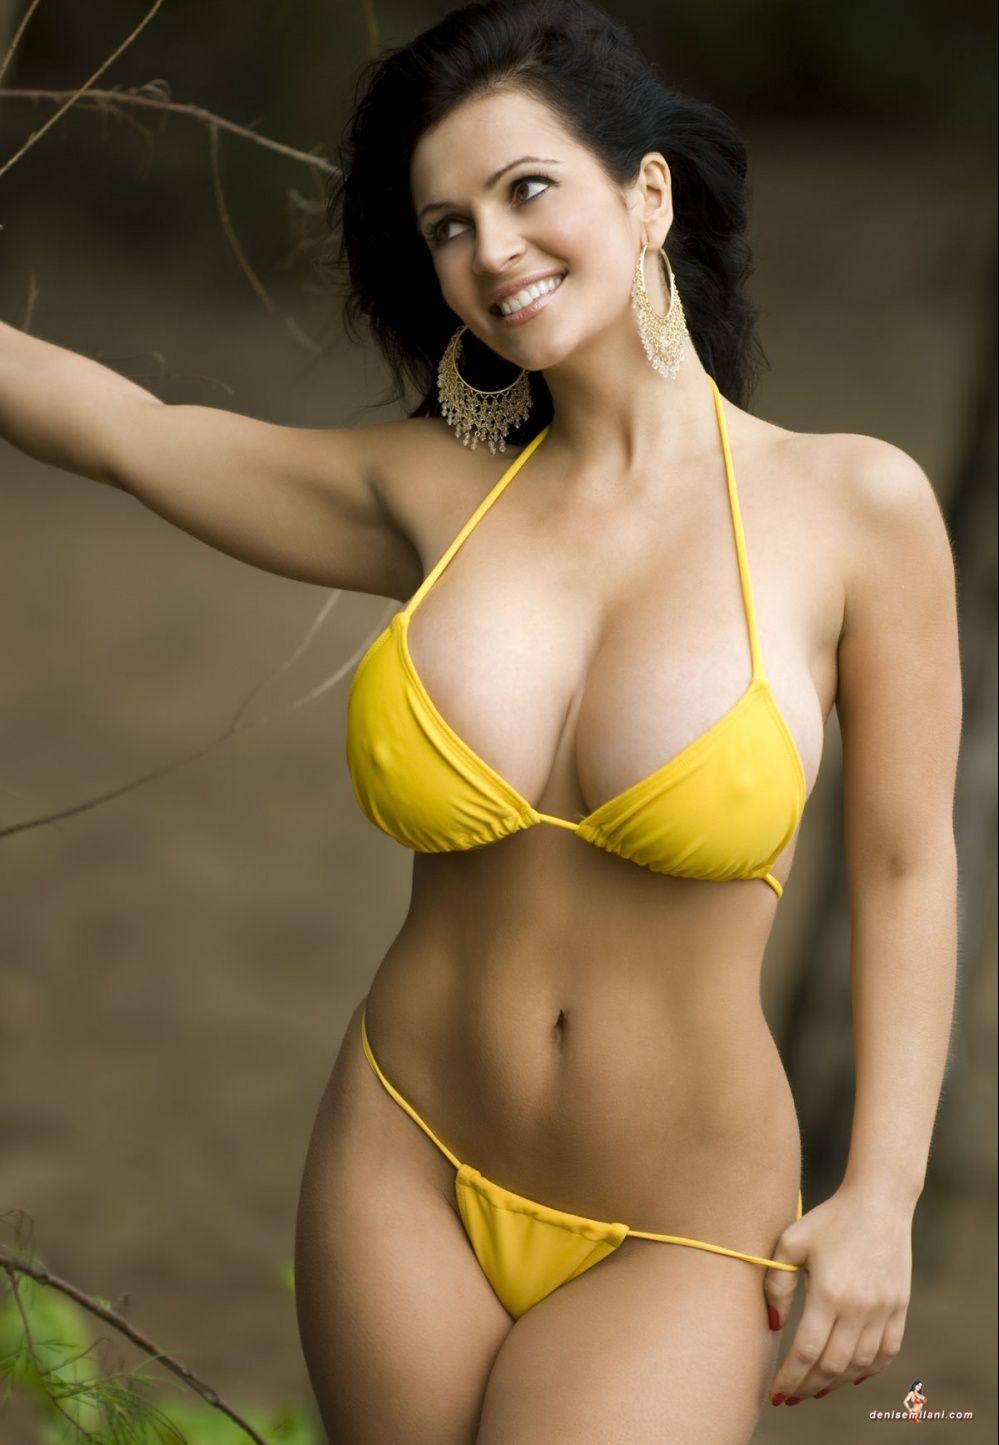 Girls in yellow bikini April